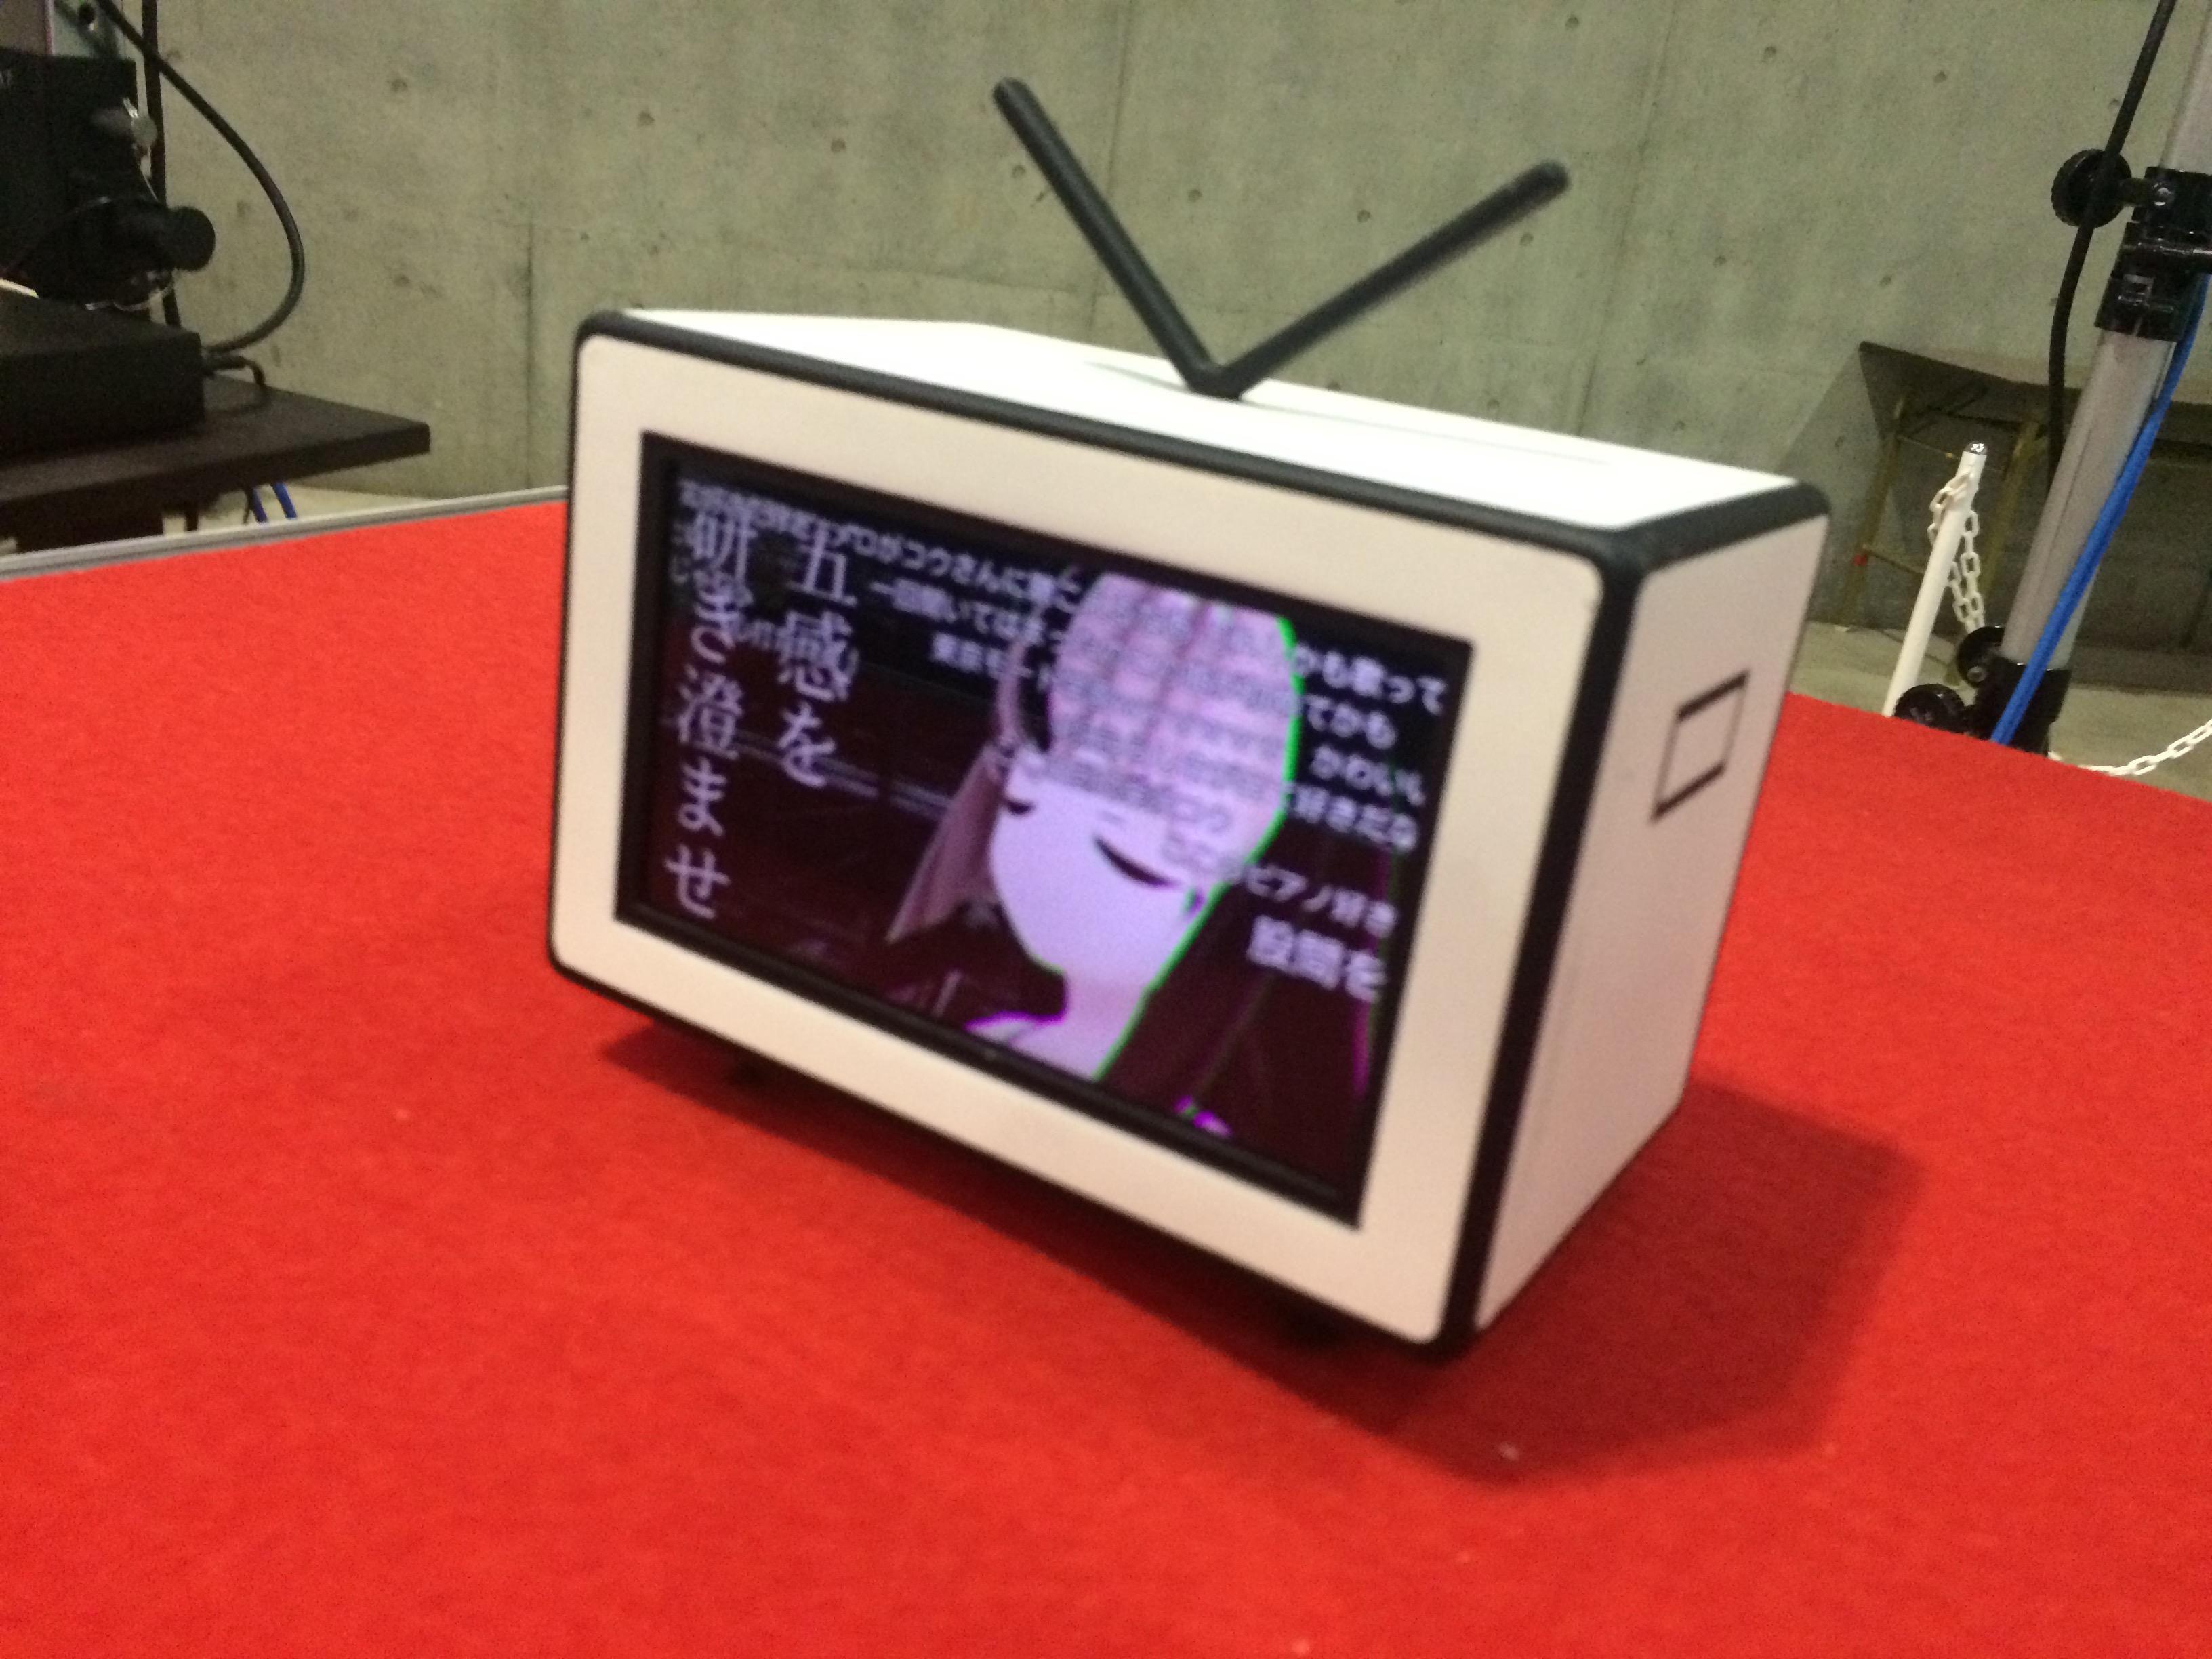 ニコニコテレビちゃんロボ